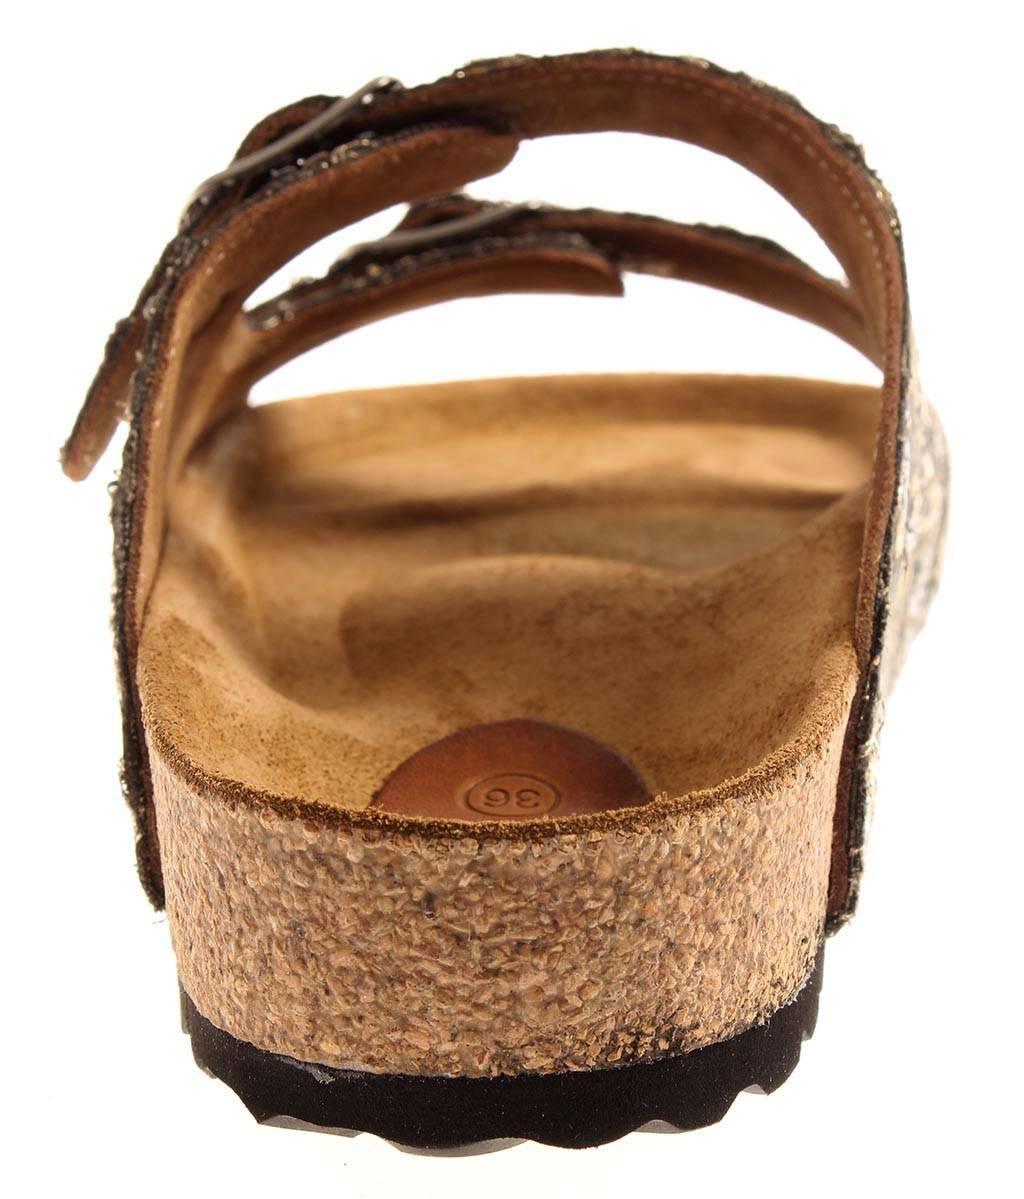 Kathamag Sandali Sandali Pantofole in pelle flaccida Lustrini weichbet da da da donna 5045c9